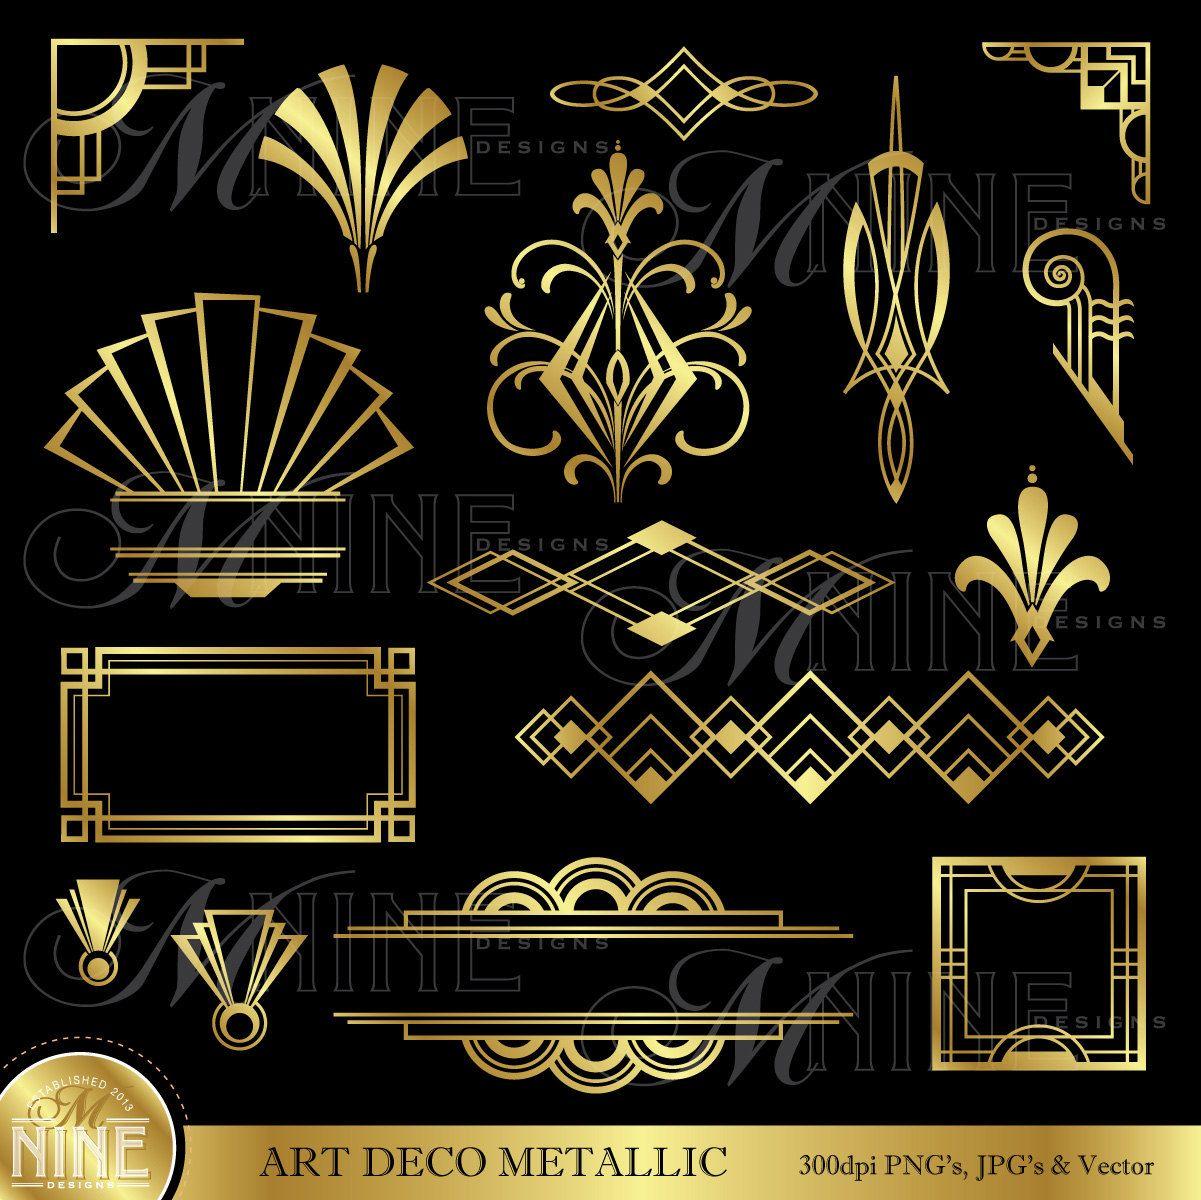 Art Deco Design Elements Clip Art